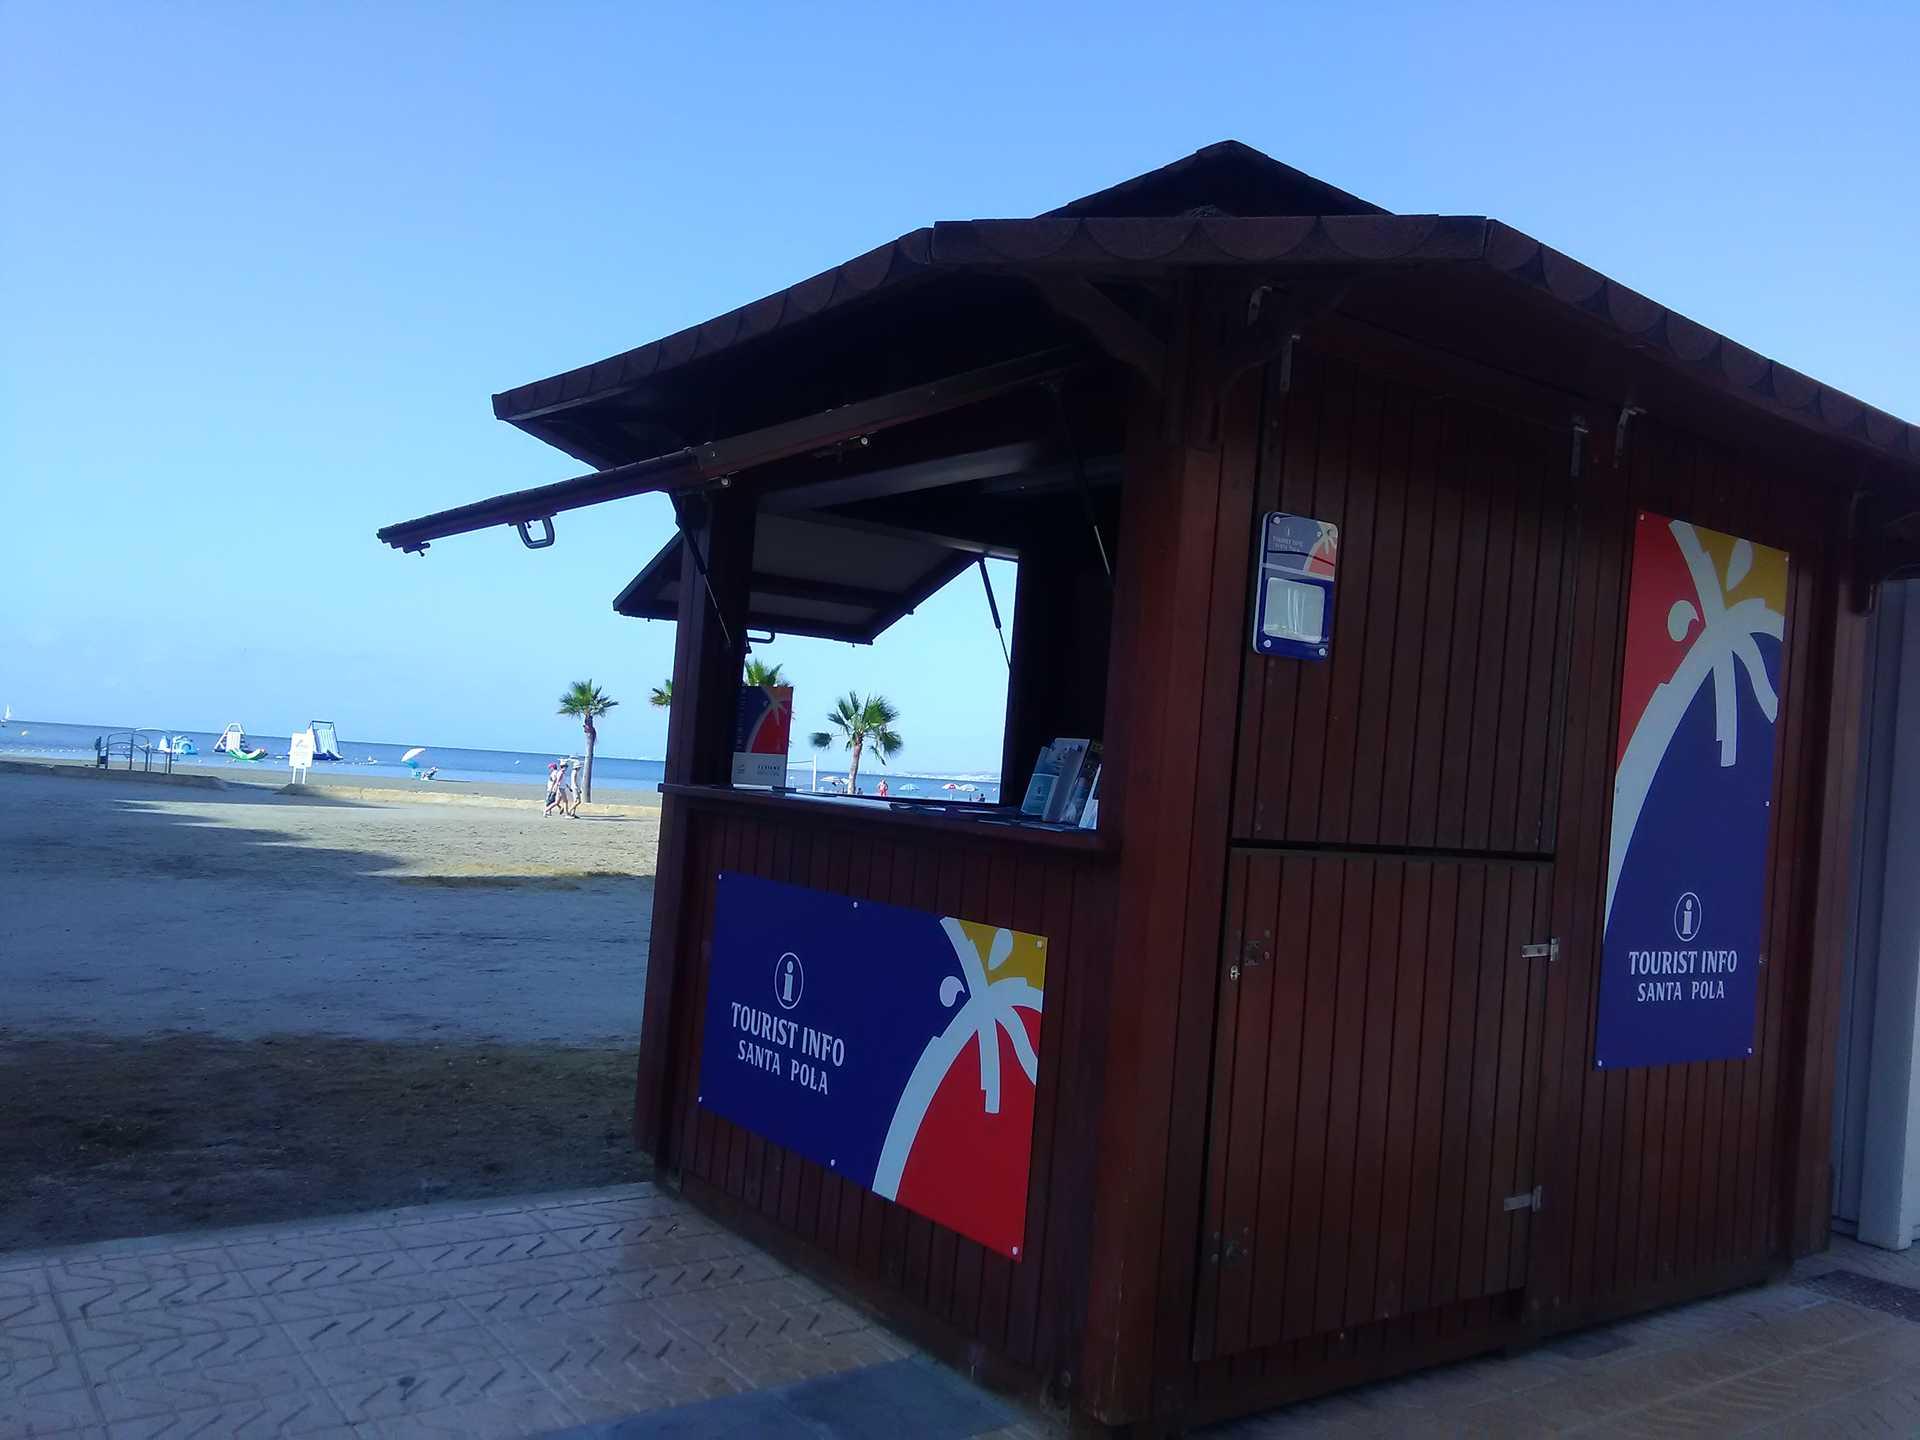 TOURIST INFO SANTA POLA - GRAN PLAYA